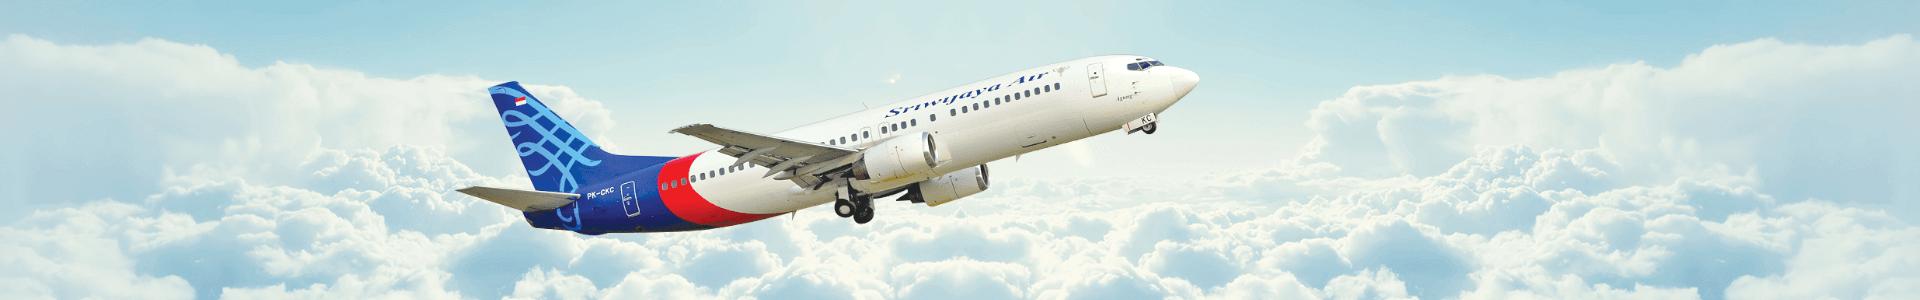 Sriwijaya Air Maskapai Penerbangan Terbaik Di Indonesia Dengan